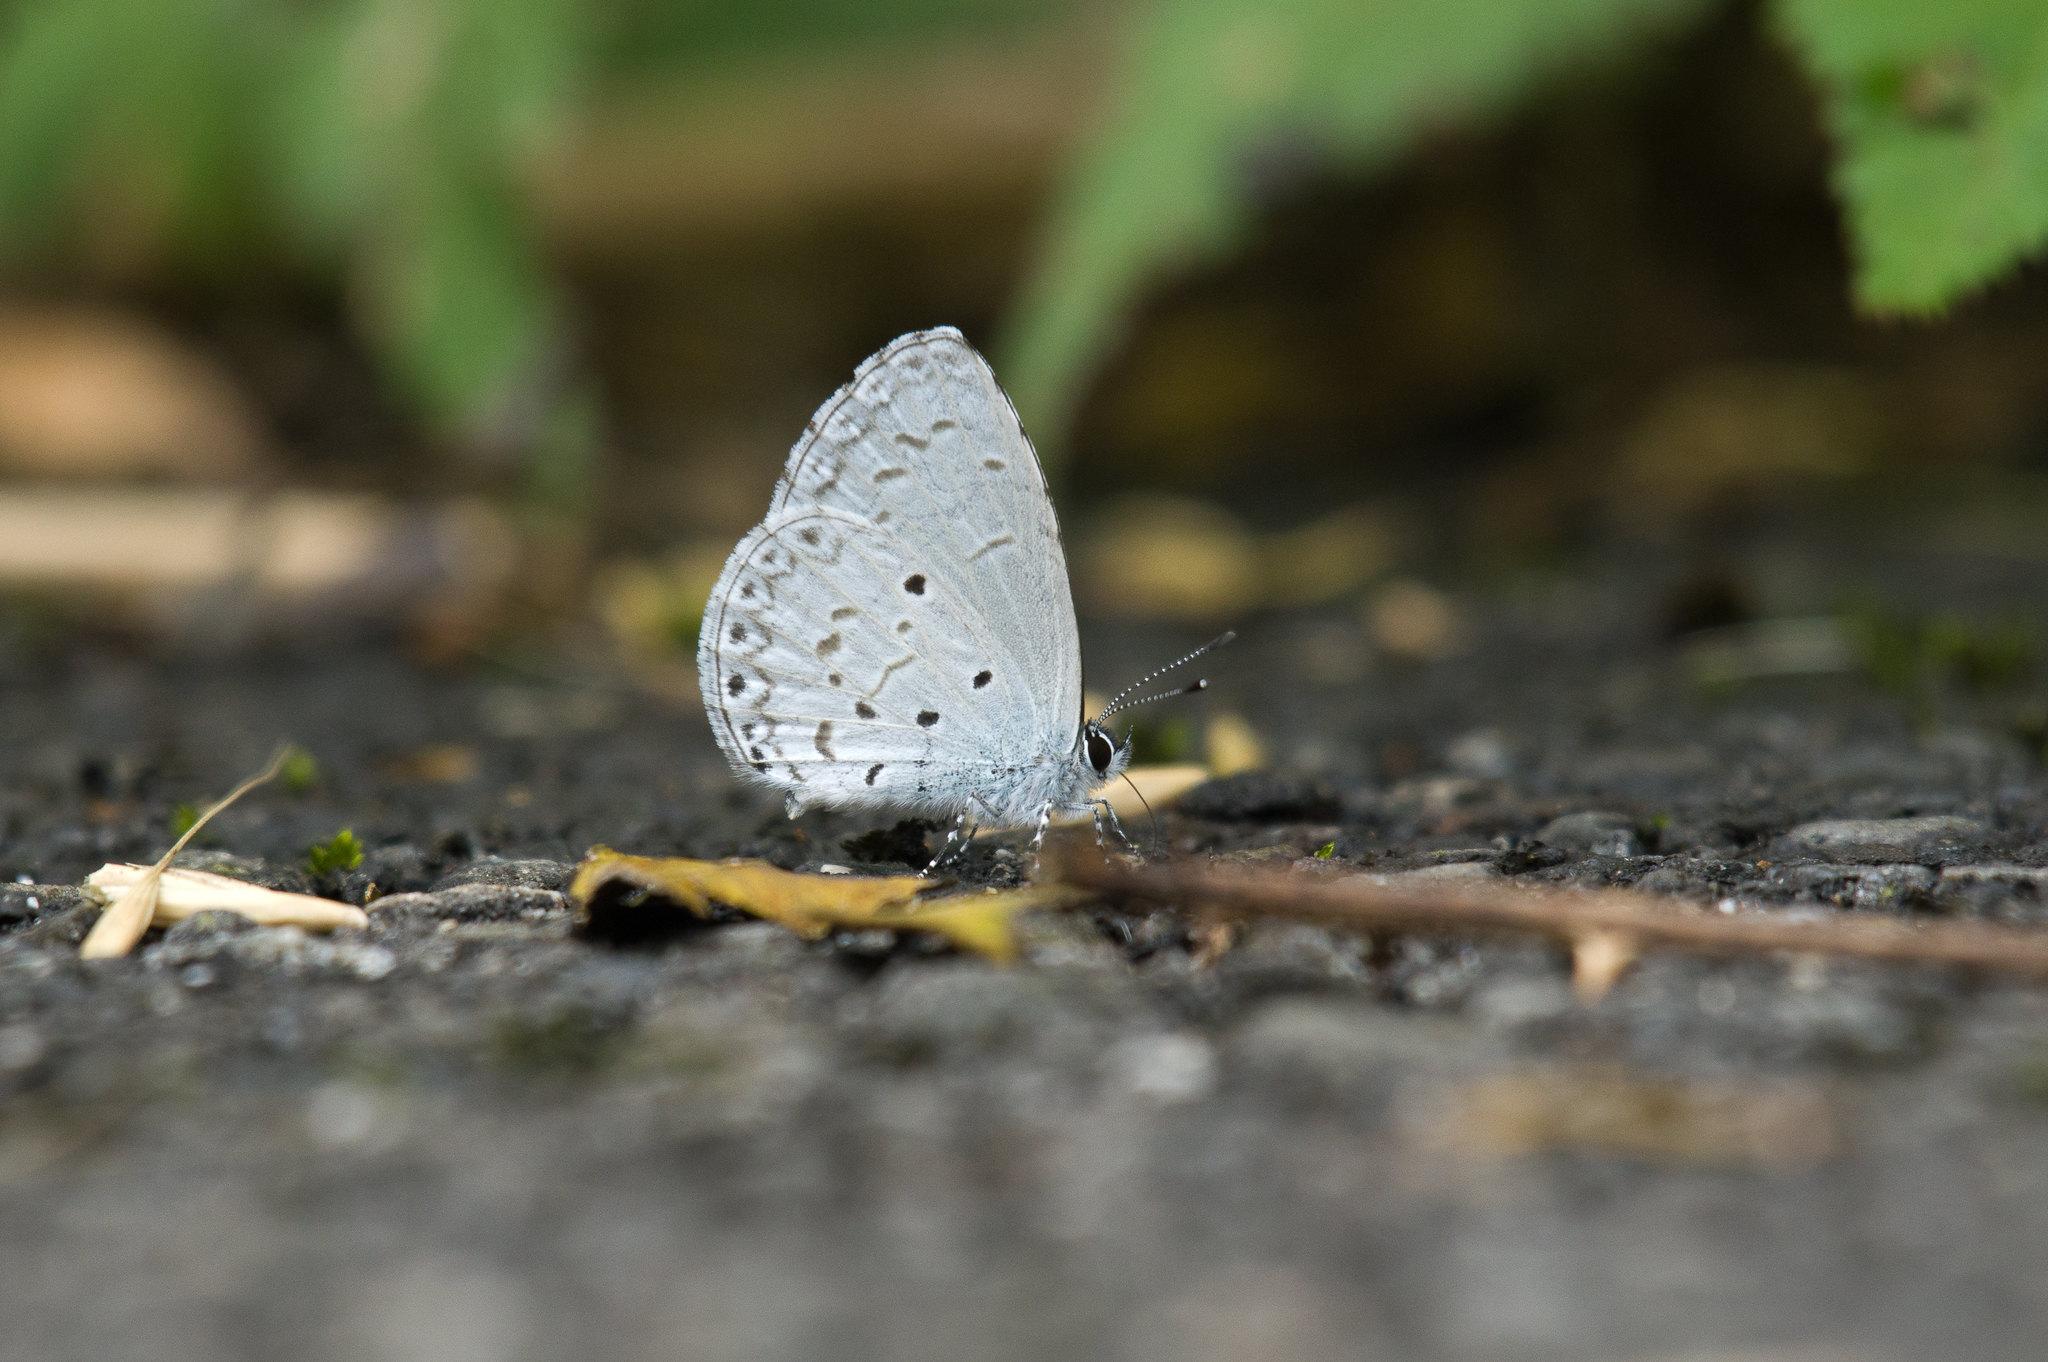 埔里琉璃小灰蝶